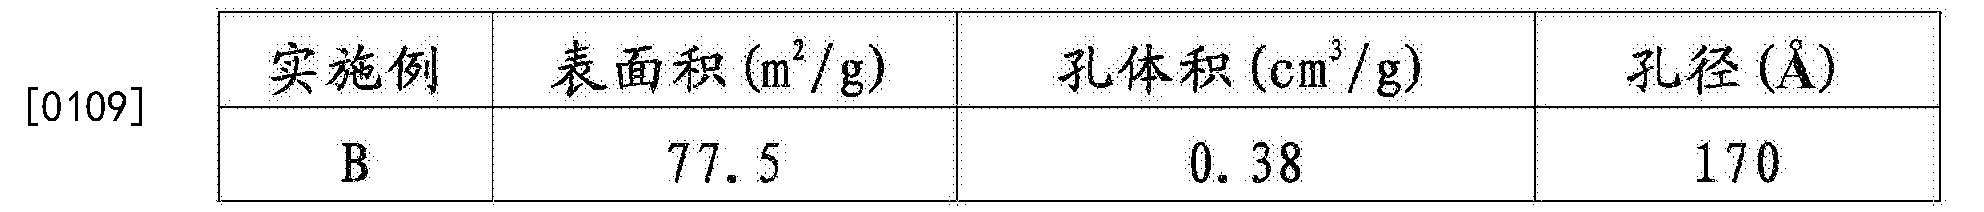 Figure CN105555707BD00161